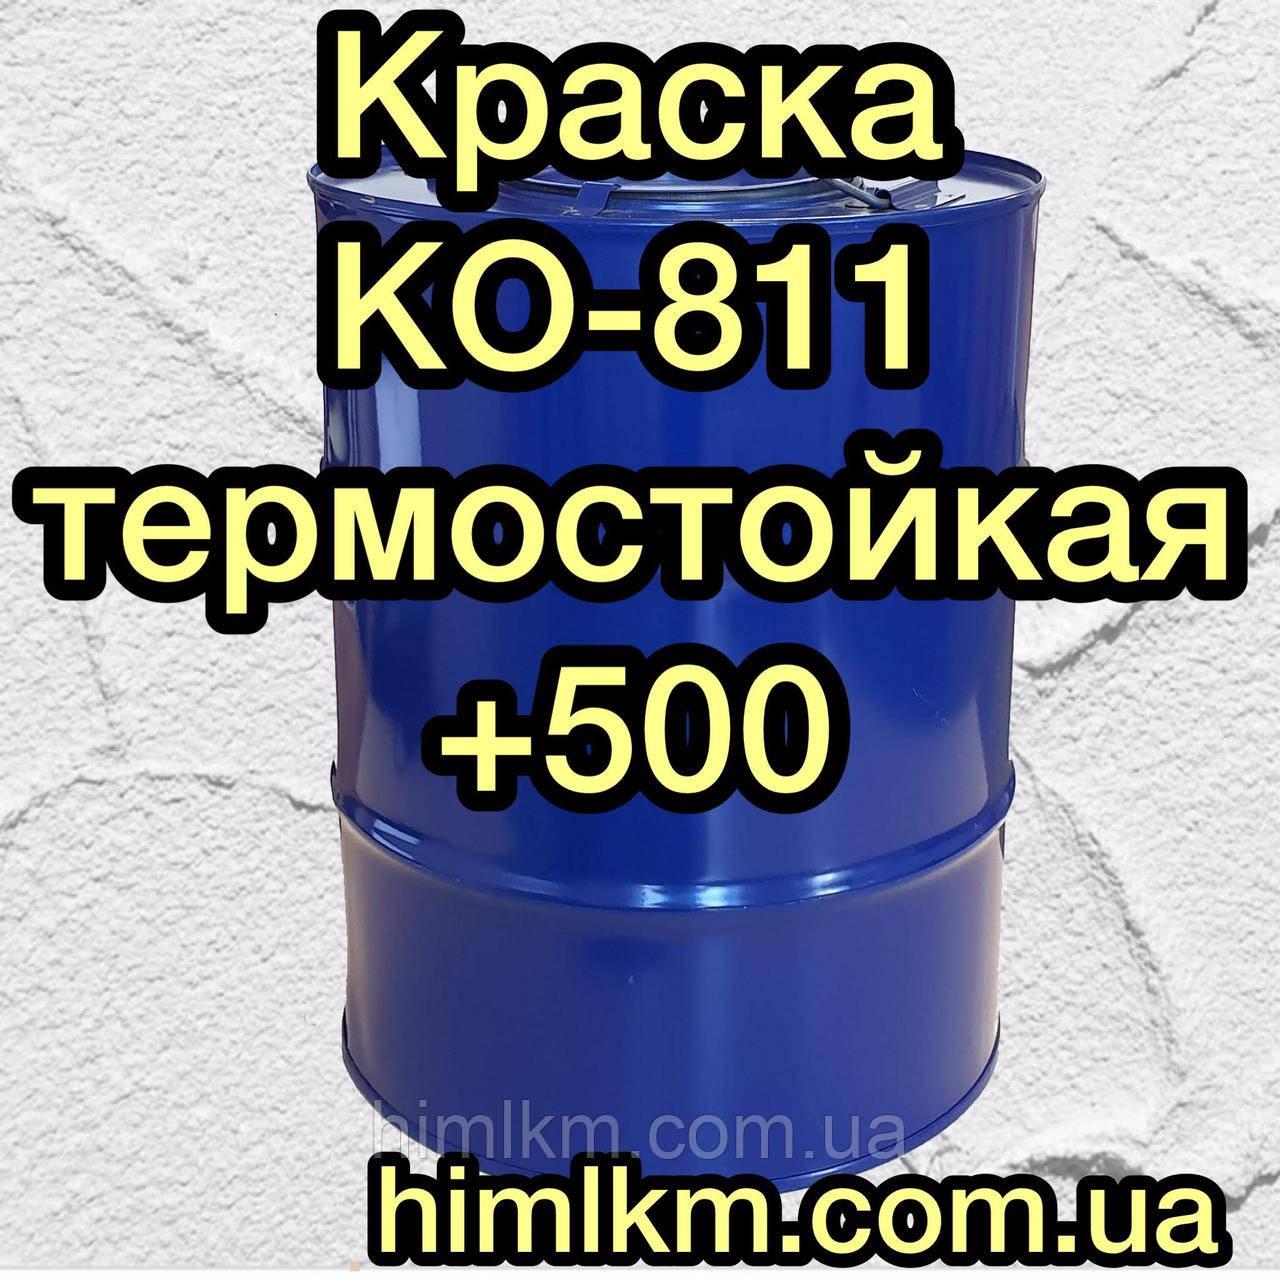 Термостойкая краска КО-811 по металлу, 50кг